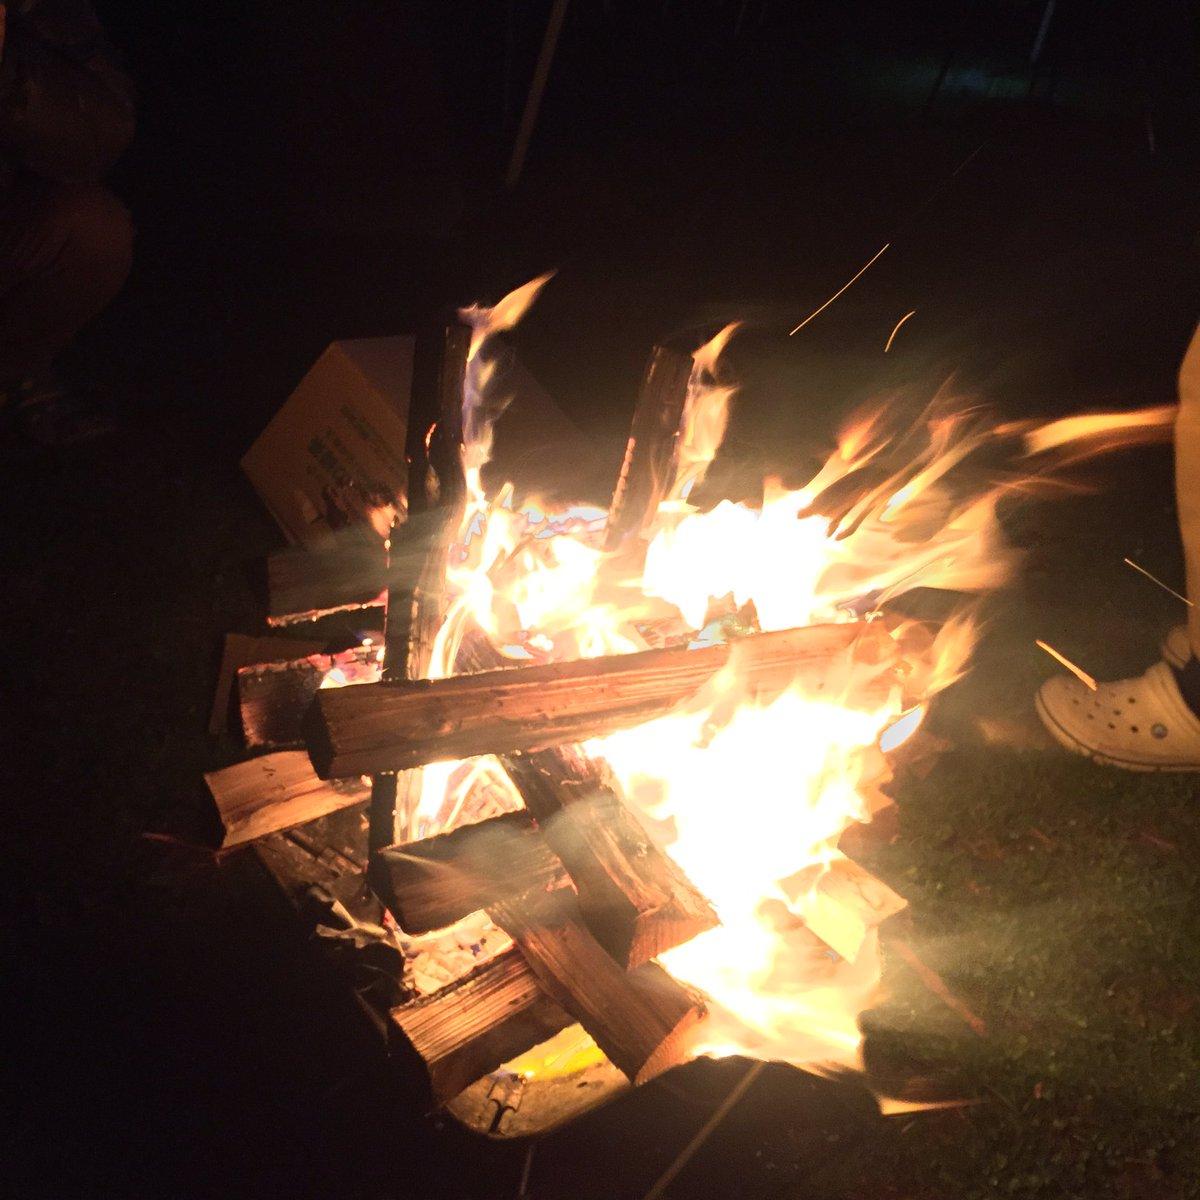 火を見ていると心が落ち着いてくるな…(ガルパンと比較してビビオペの事を悪く言っていたオタクの顔を思い出して怒りの感情を取